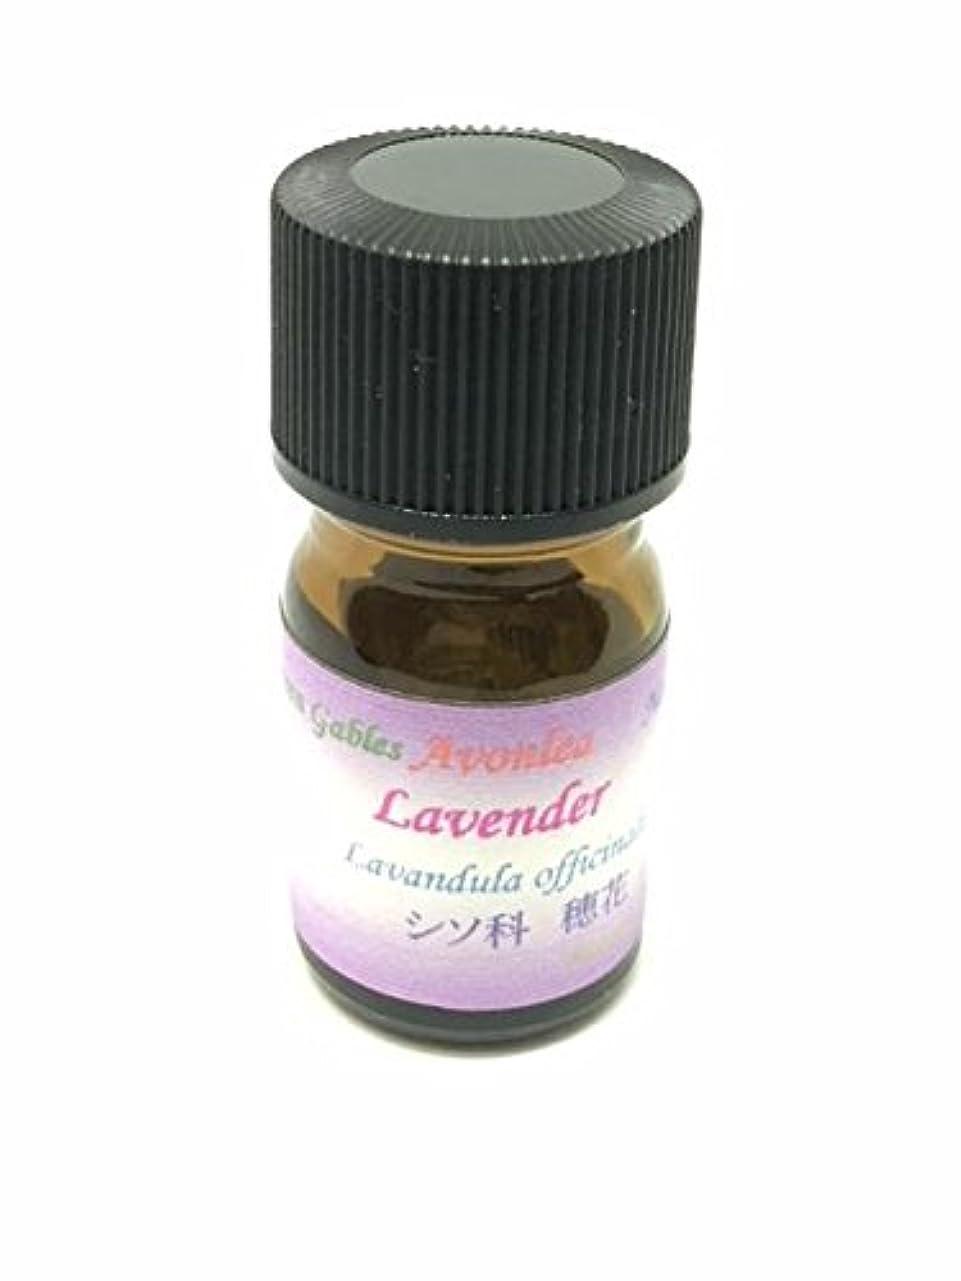 ピック先作りラベンダーブルガリア ピュアエッセンシャルオイル精油 Lavender Bulgaria (500ml)